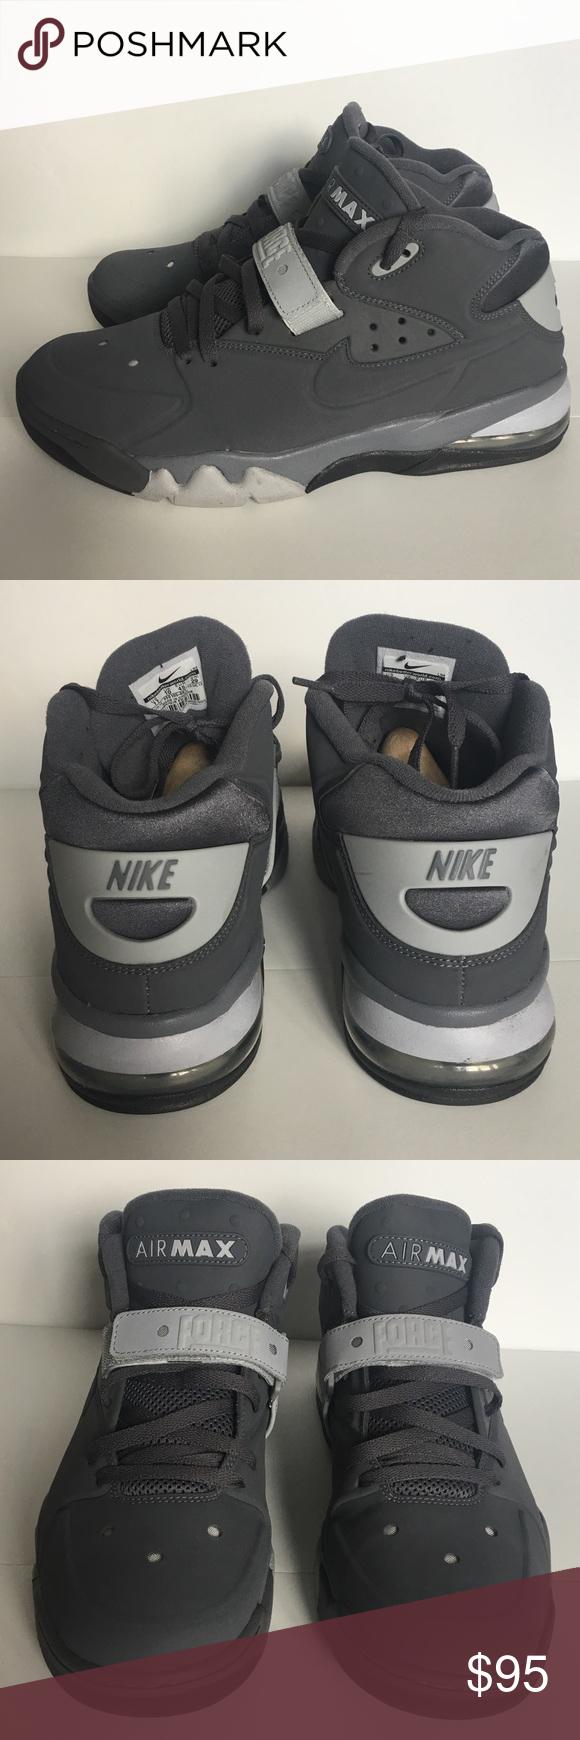 zapatos nike air max charles barkley